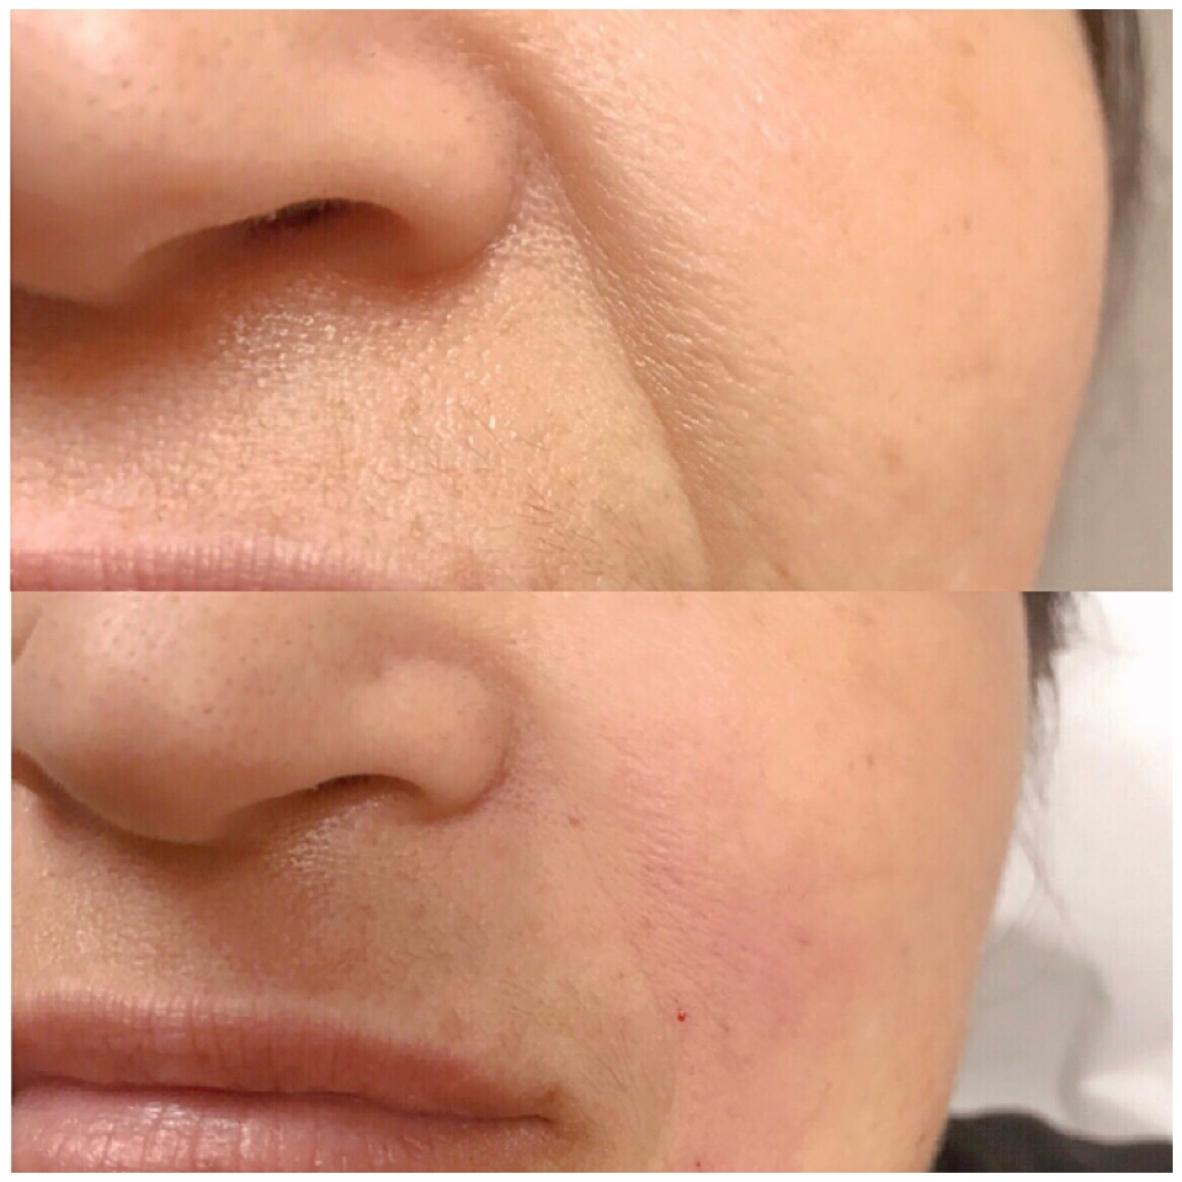 Joules MedSpa and Laser Center Nasolabial Fold Correction